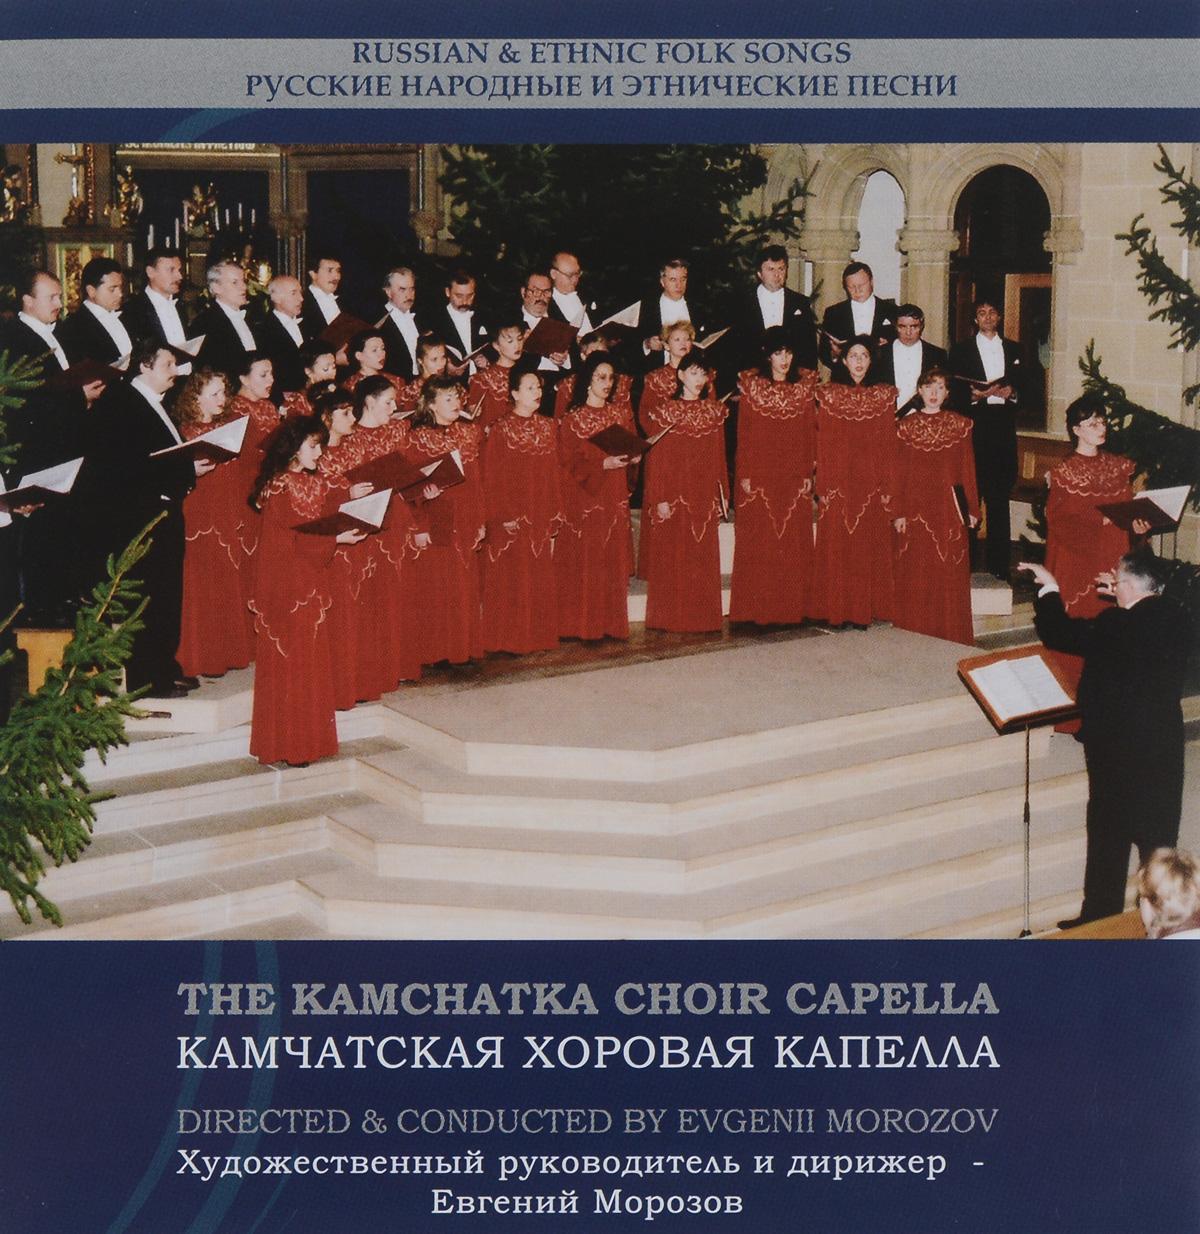 К изданию прилагается 12-страничный буклет с фотографиями и дополнительной информацией на русском и английском языках.